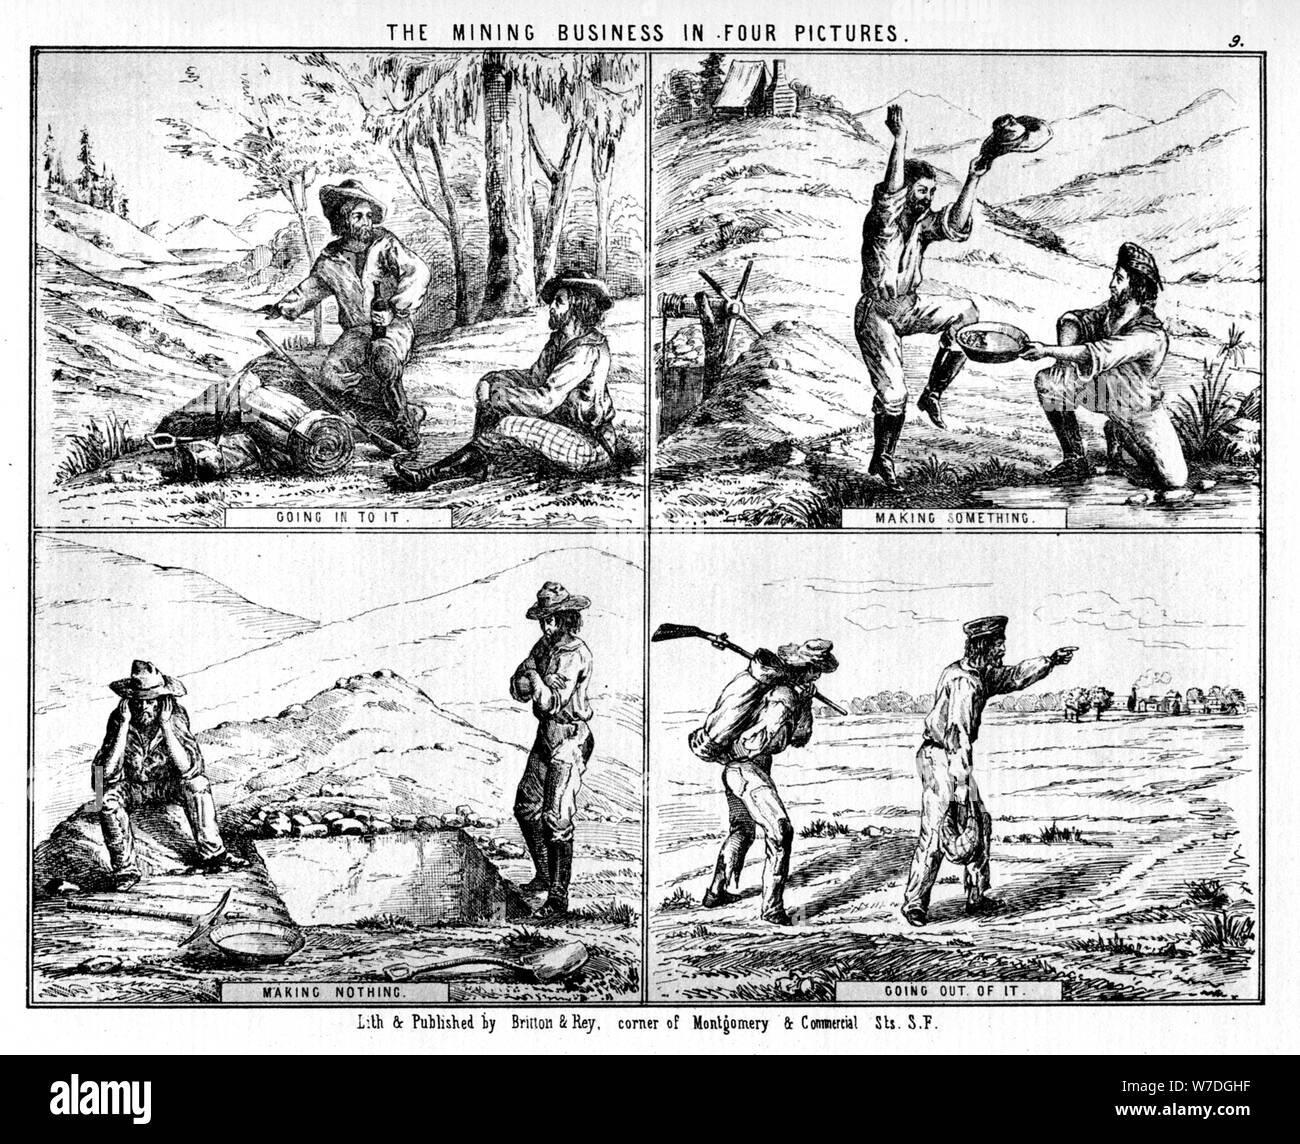 """""""El negocio minero en cuatro imágenes"""", del siglo XIX (1937).Artista: Britton & Rey Foto de stock"""